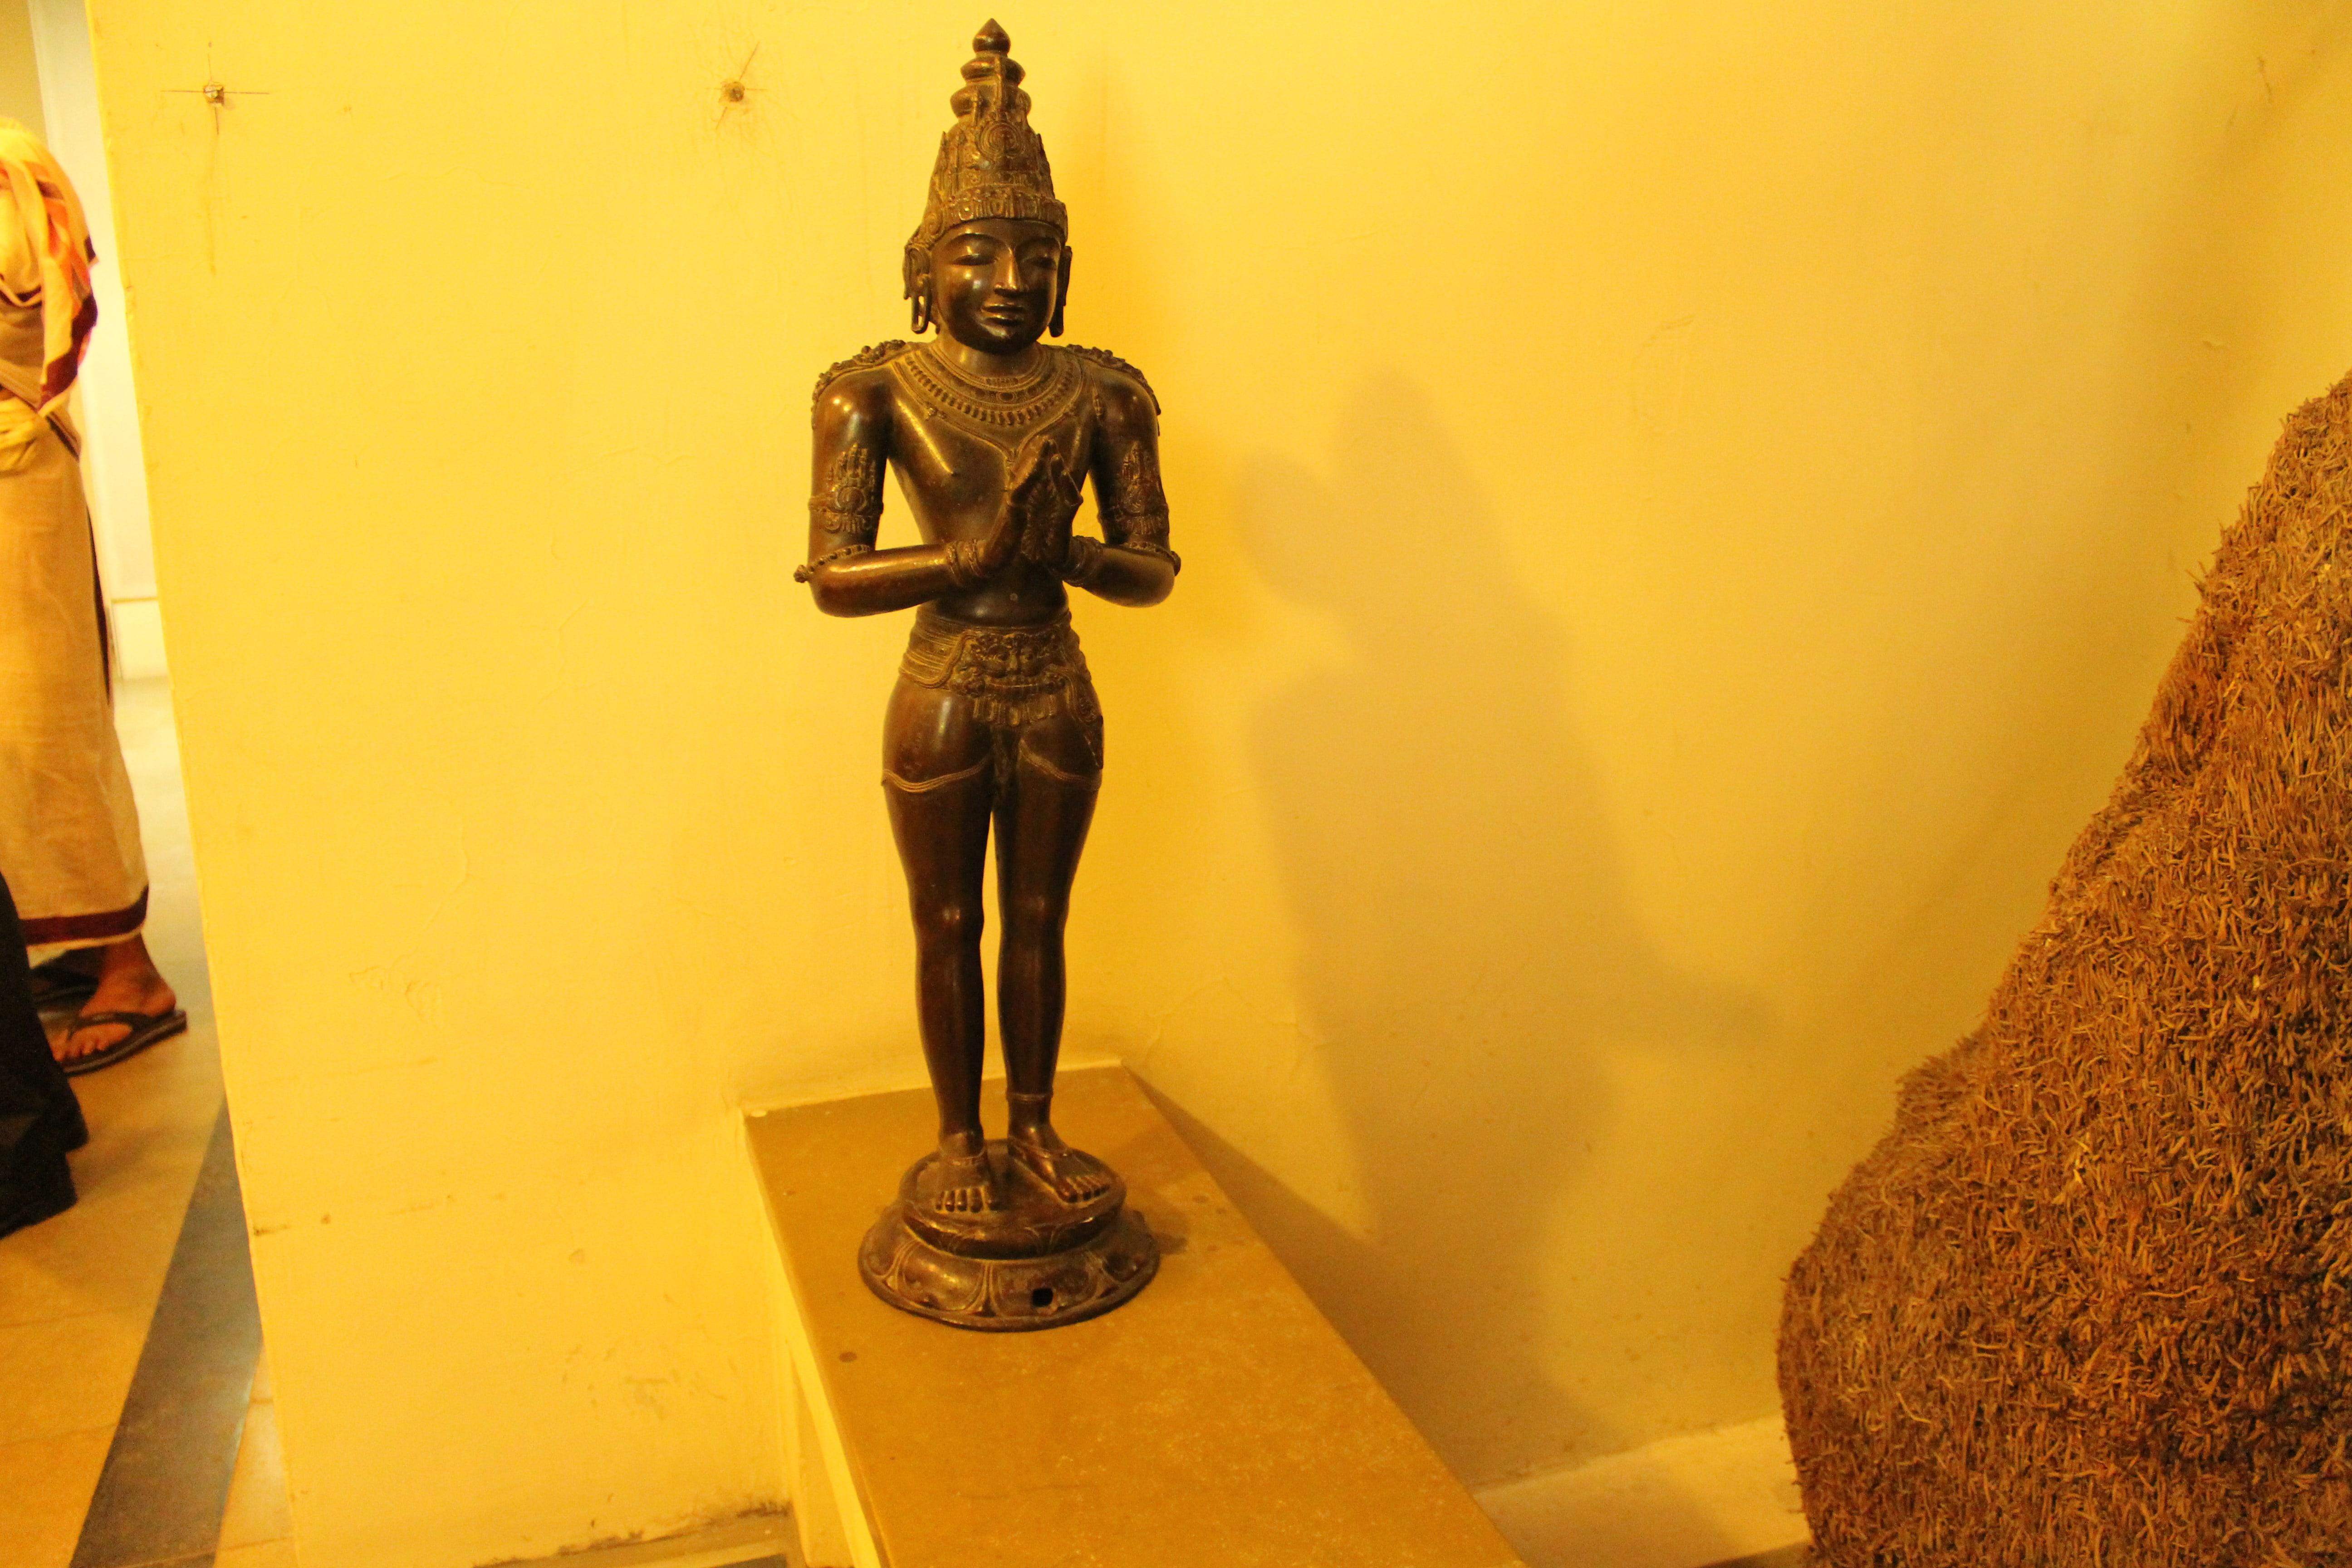 ராஜராஜ சோழன் சிலை